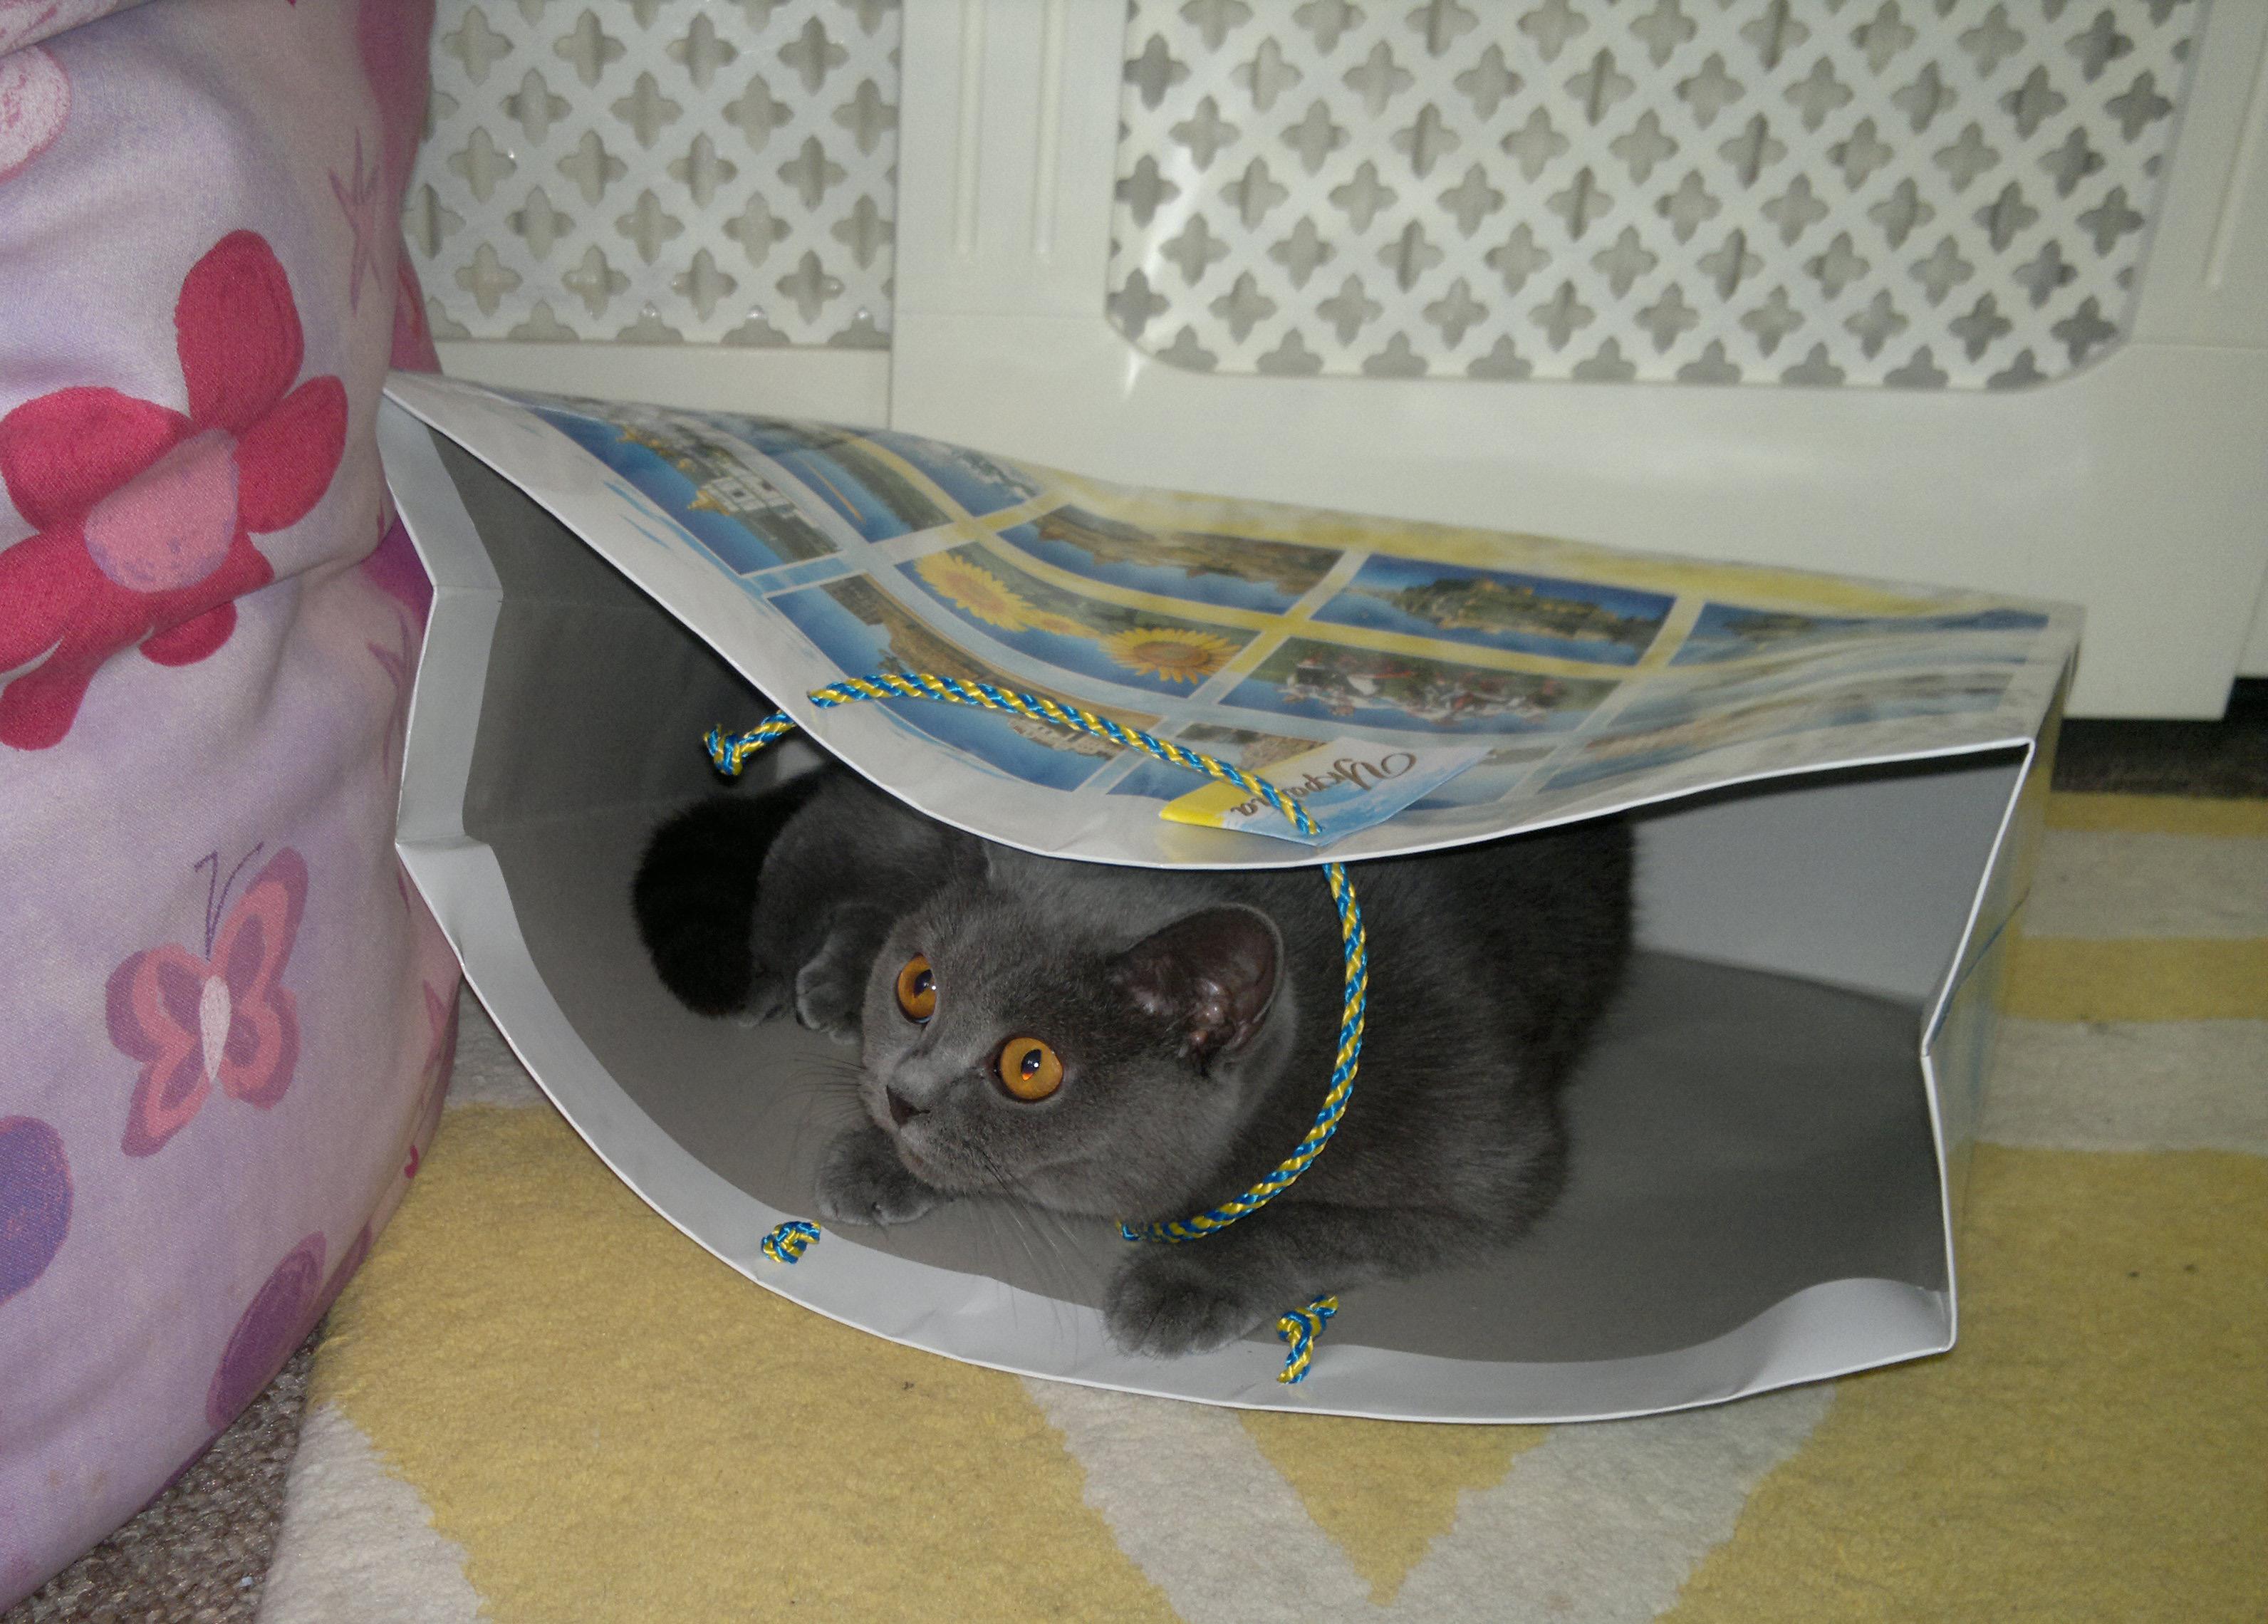 Doosya hiding